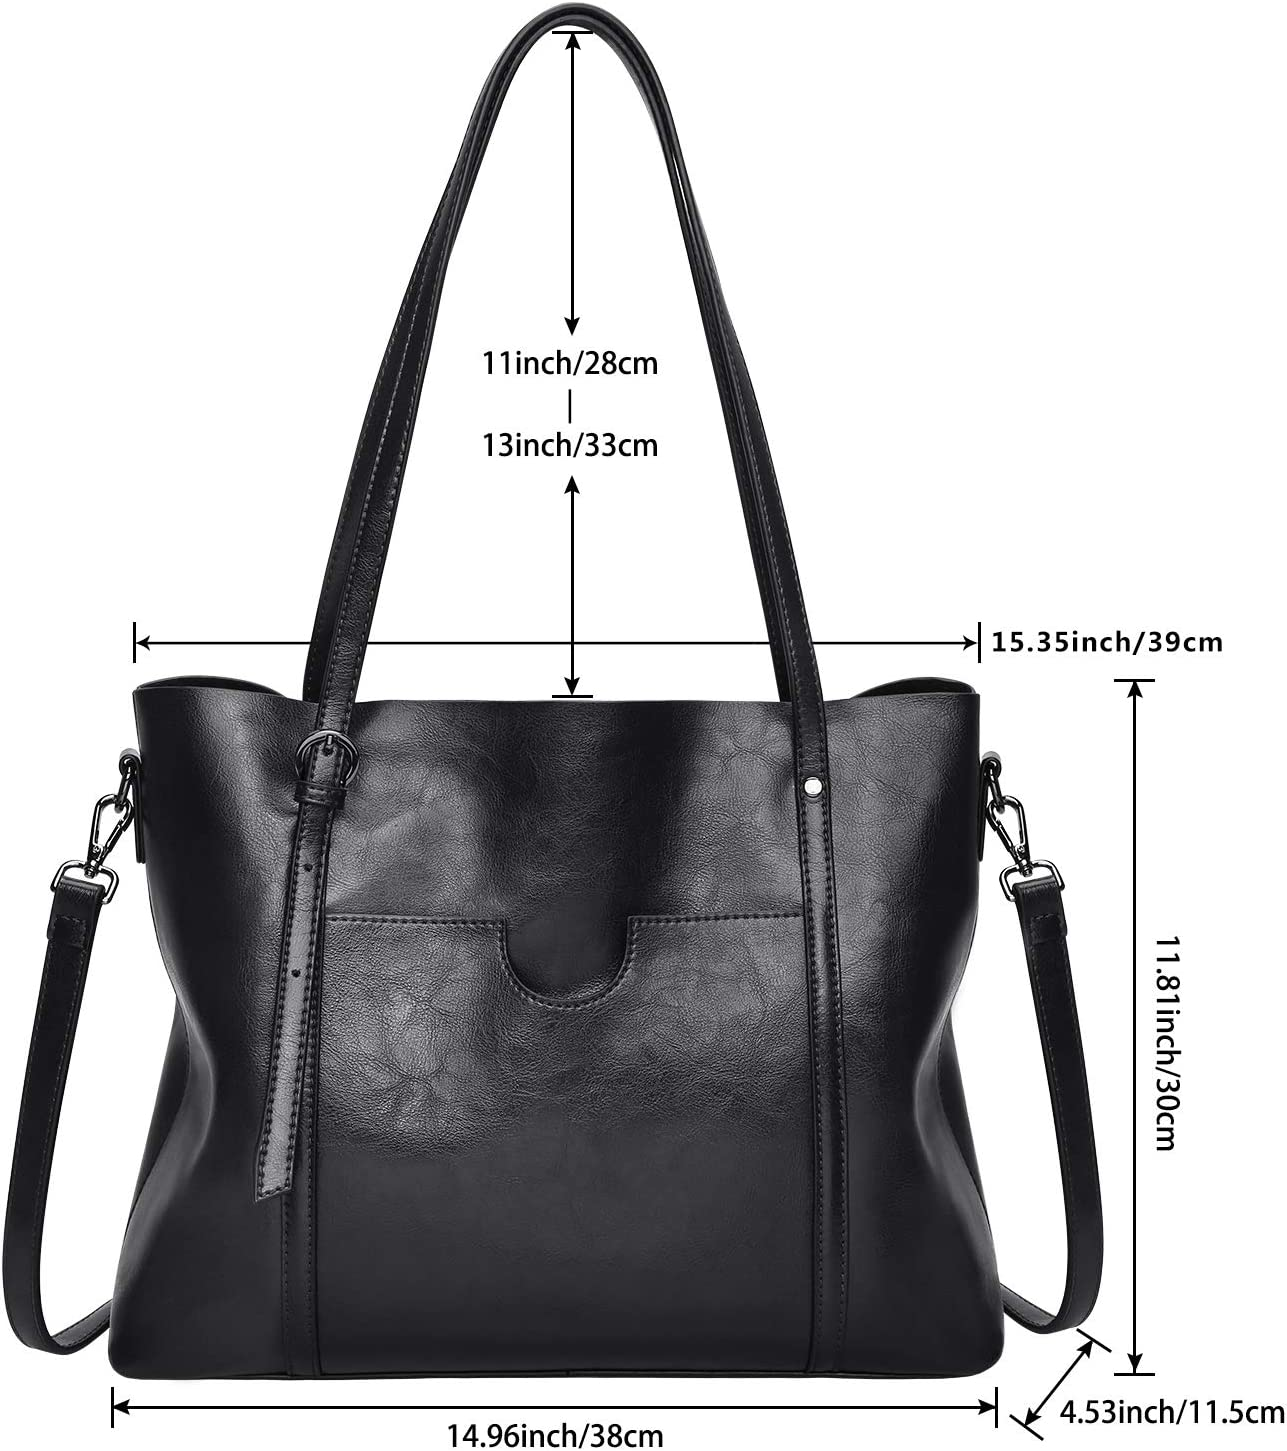 S-ZONE Damen Vintage 3-Way Echtes Leder Tote Schultertasche Handtasche Mode Handtasche Messenger Bag Schwarz